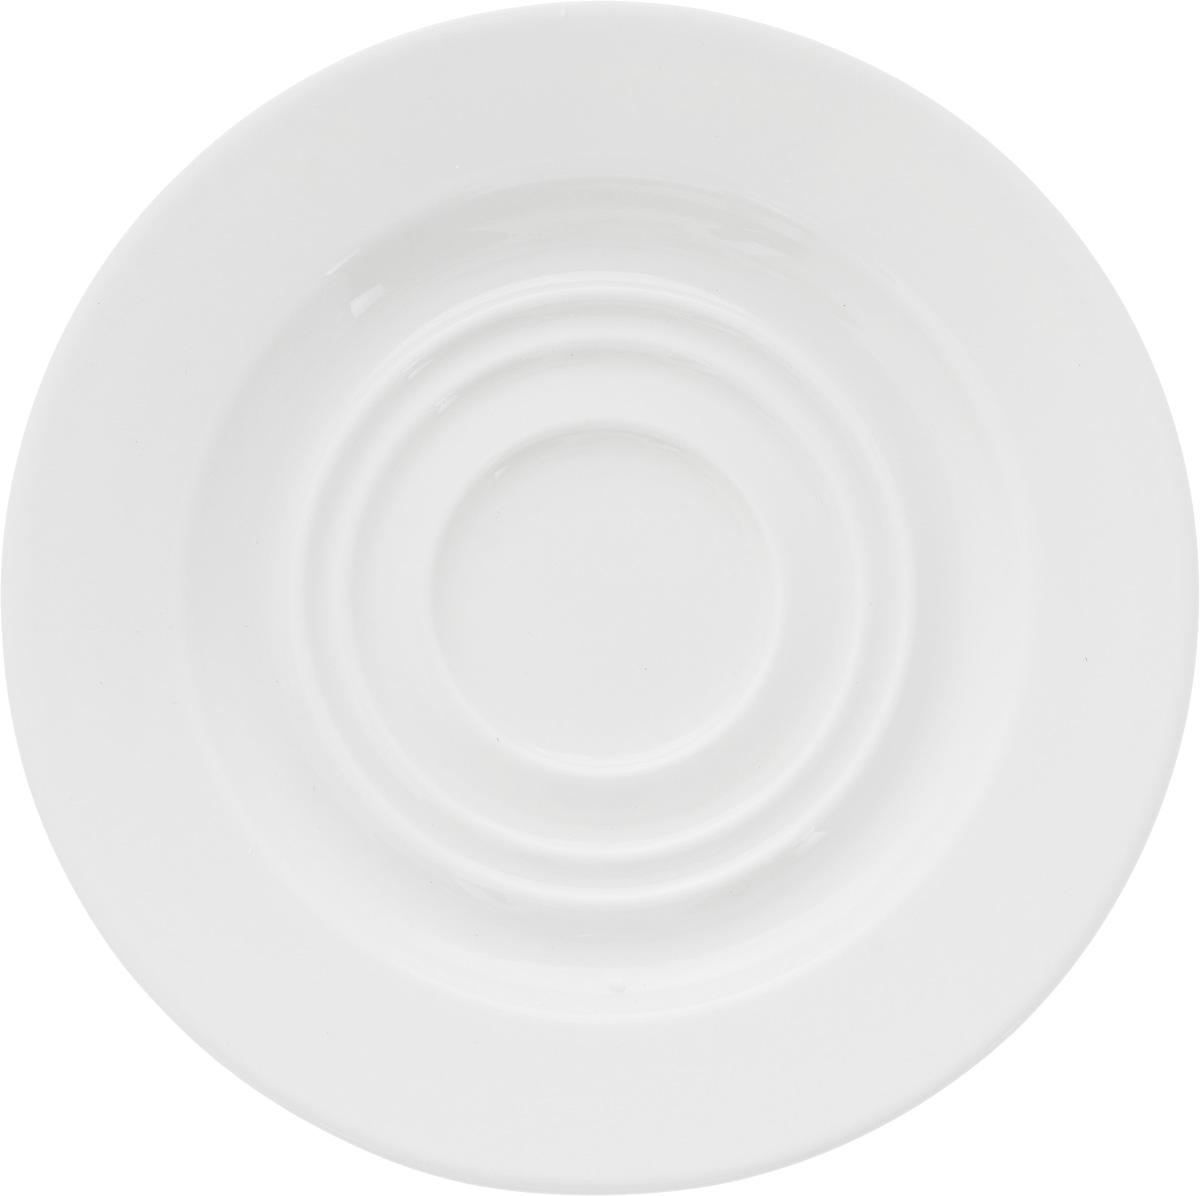 """Оригинальное блюдце Ariane """"Прайм"""" изготовлено из фарфора с глазурованным покрытием. Изделие сочетает в себе классический дизайн с максимальной функциональностью. Блюдце прекрасно впишется в интерьер вашей кухни и станет достойным дополнением к кухонному инвентарю. Можно мыть в посудомоечной машине и использовать в микроволновой печи.  Диаметр блюдца (по верхнему краю): 14,5 см.  Высота блюдца: 2 см."""